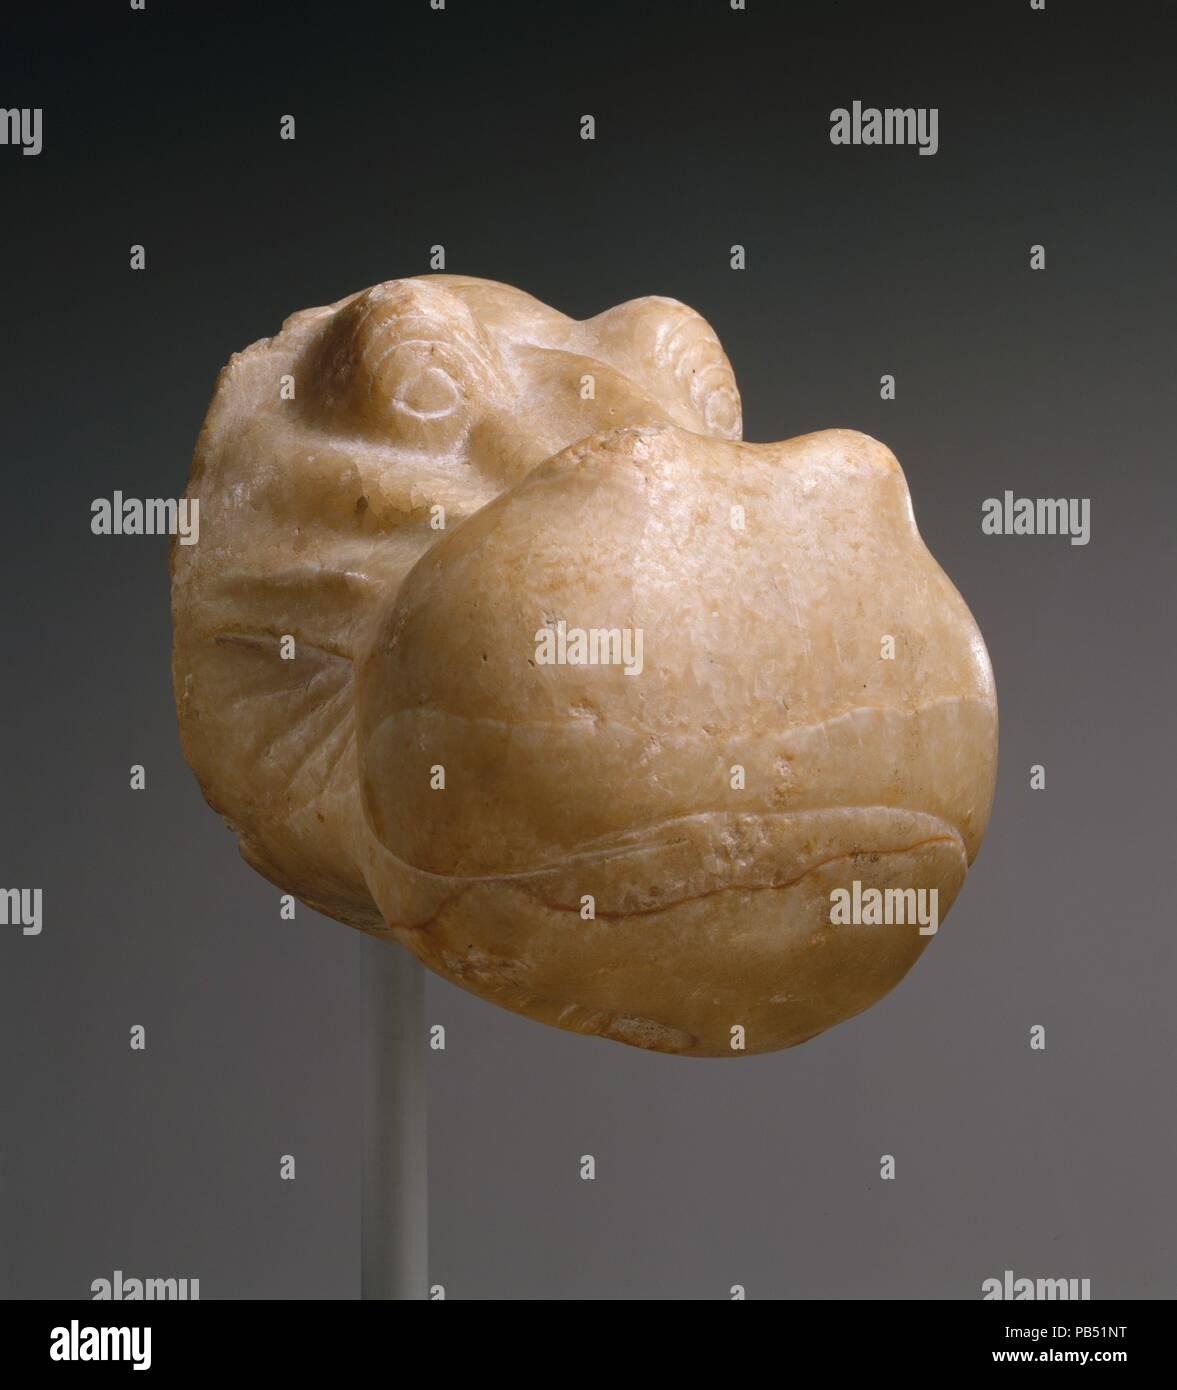 Head of a Hippopotamus  Dimensions: H  14 cm (5 1/2 in)